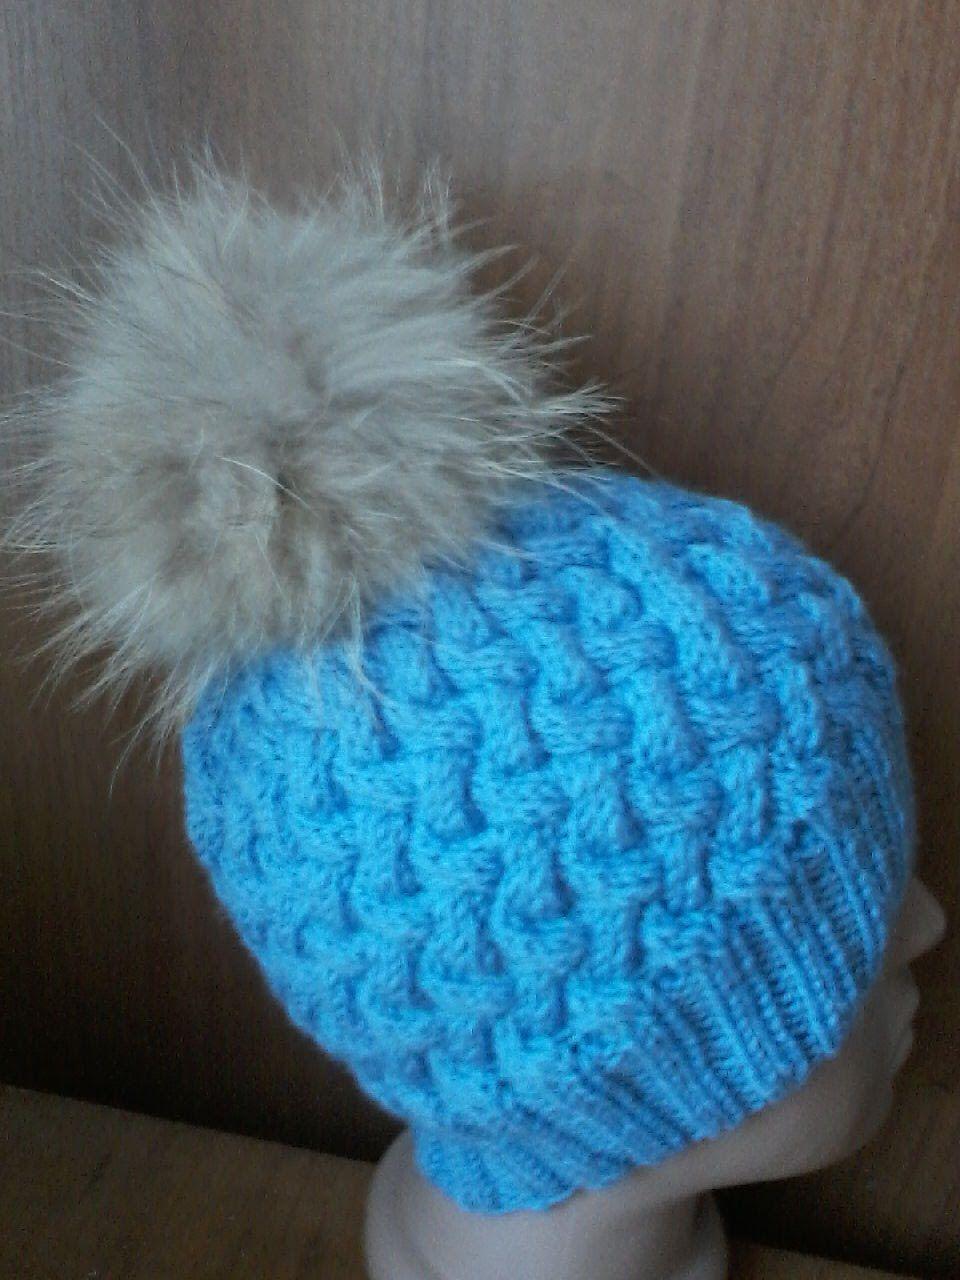 Двухцветная шапка крючком. Описание и мастер-класс от Людмилы Тен